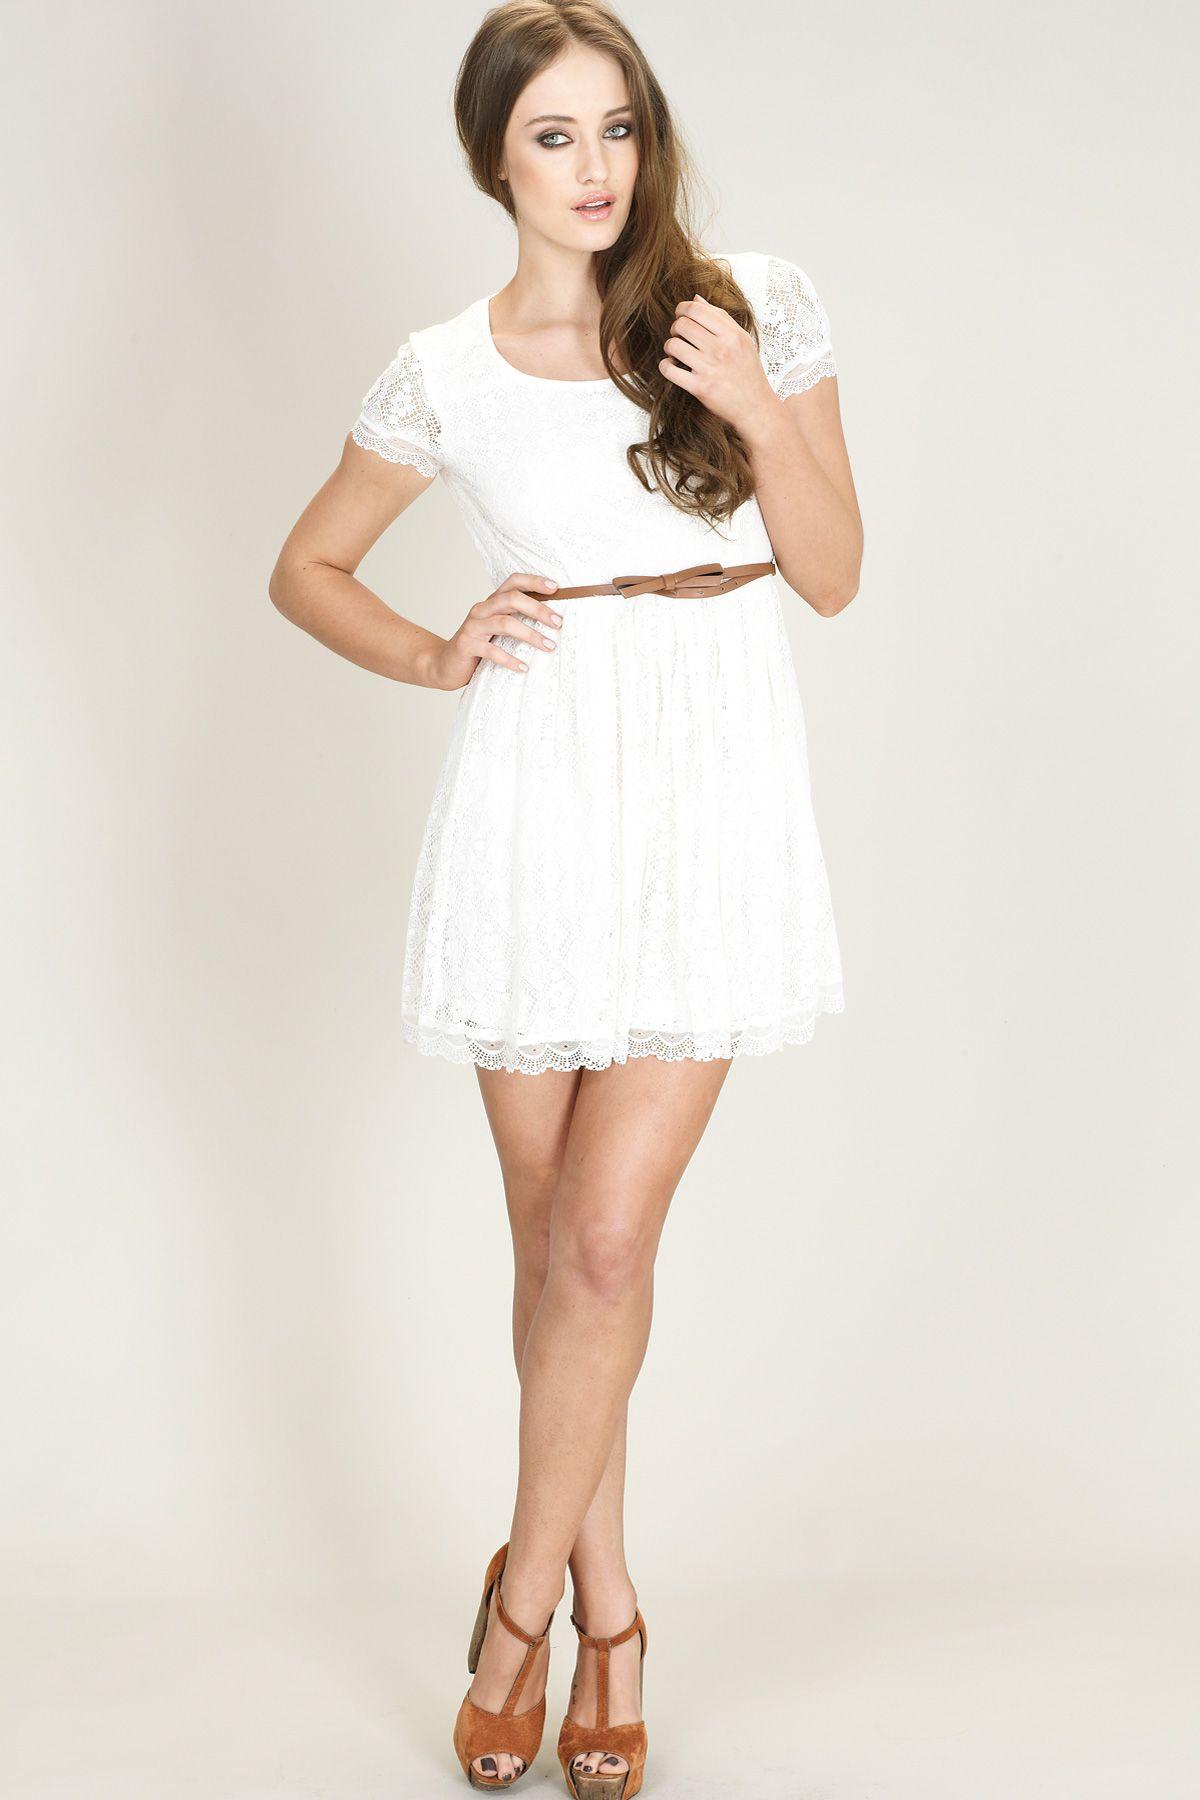 entdecken am besten auswählen gute preise weiße kleider